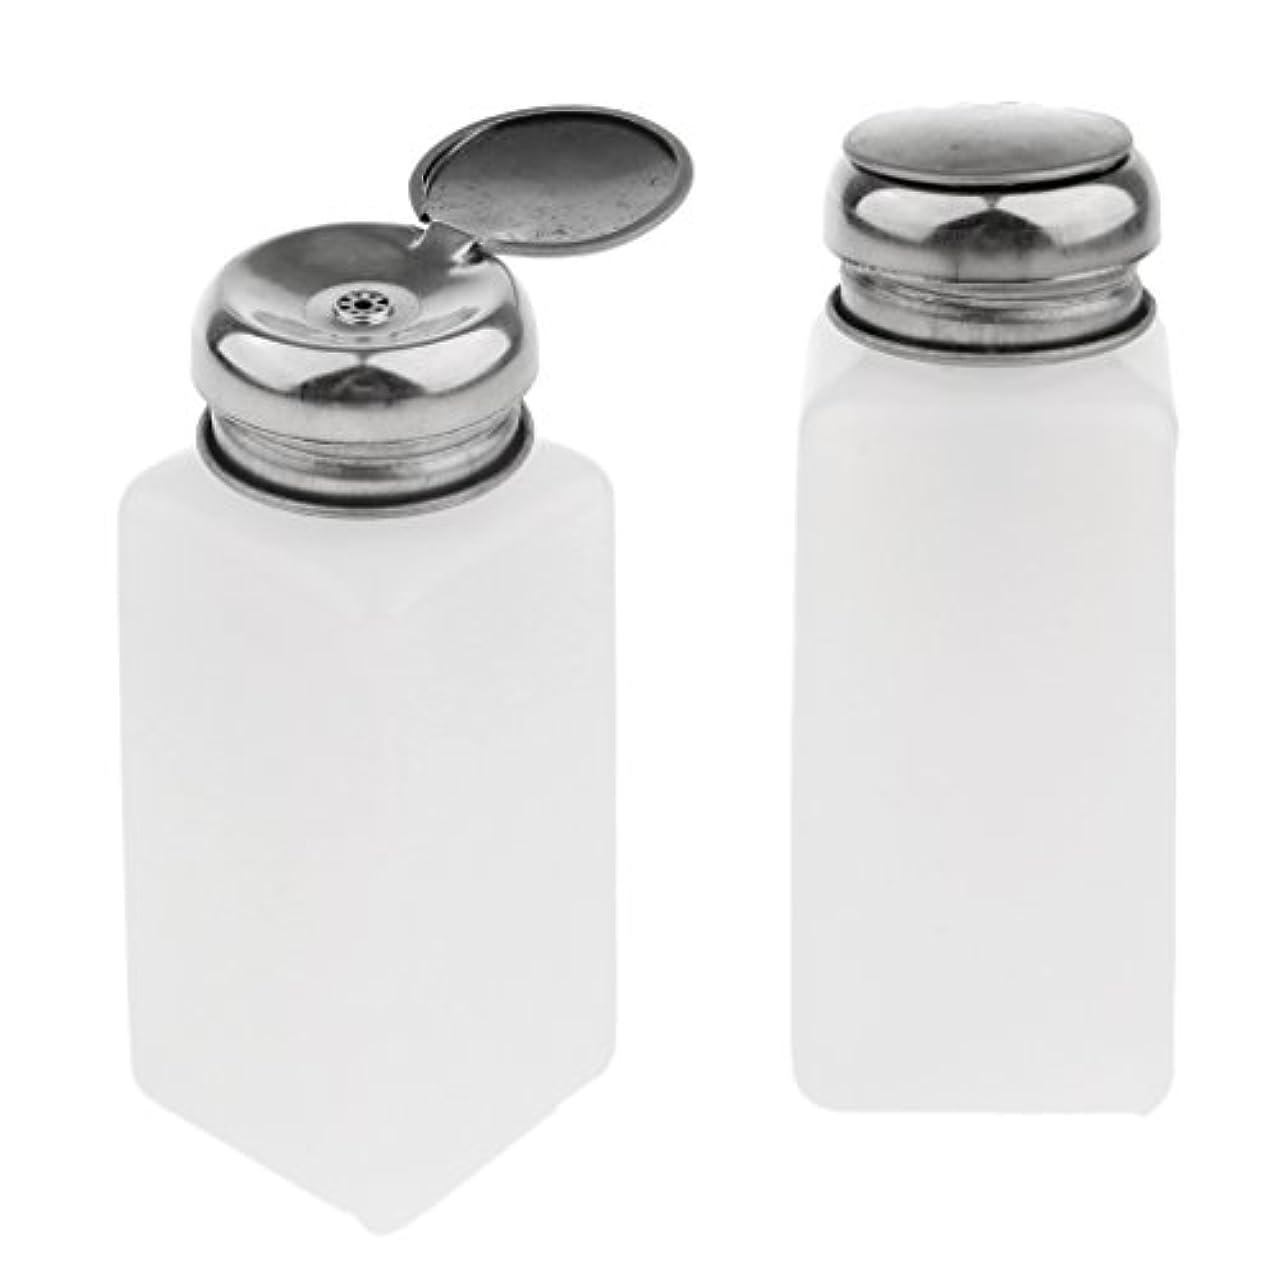 運ぶ解釈混合CUTICATE ポンプディスペンサー ネイル 空ポンプボトル ネイルクリーナーボトル 実用的 2個 全3サイズ - 250ミリリットル